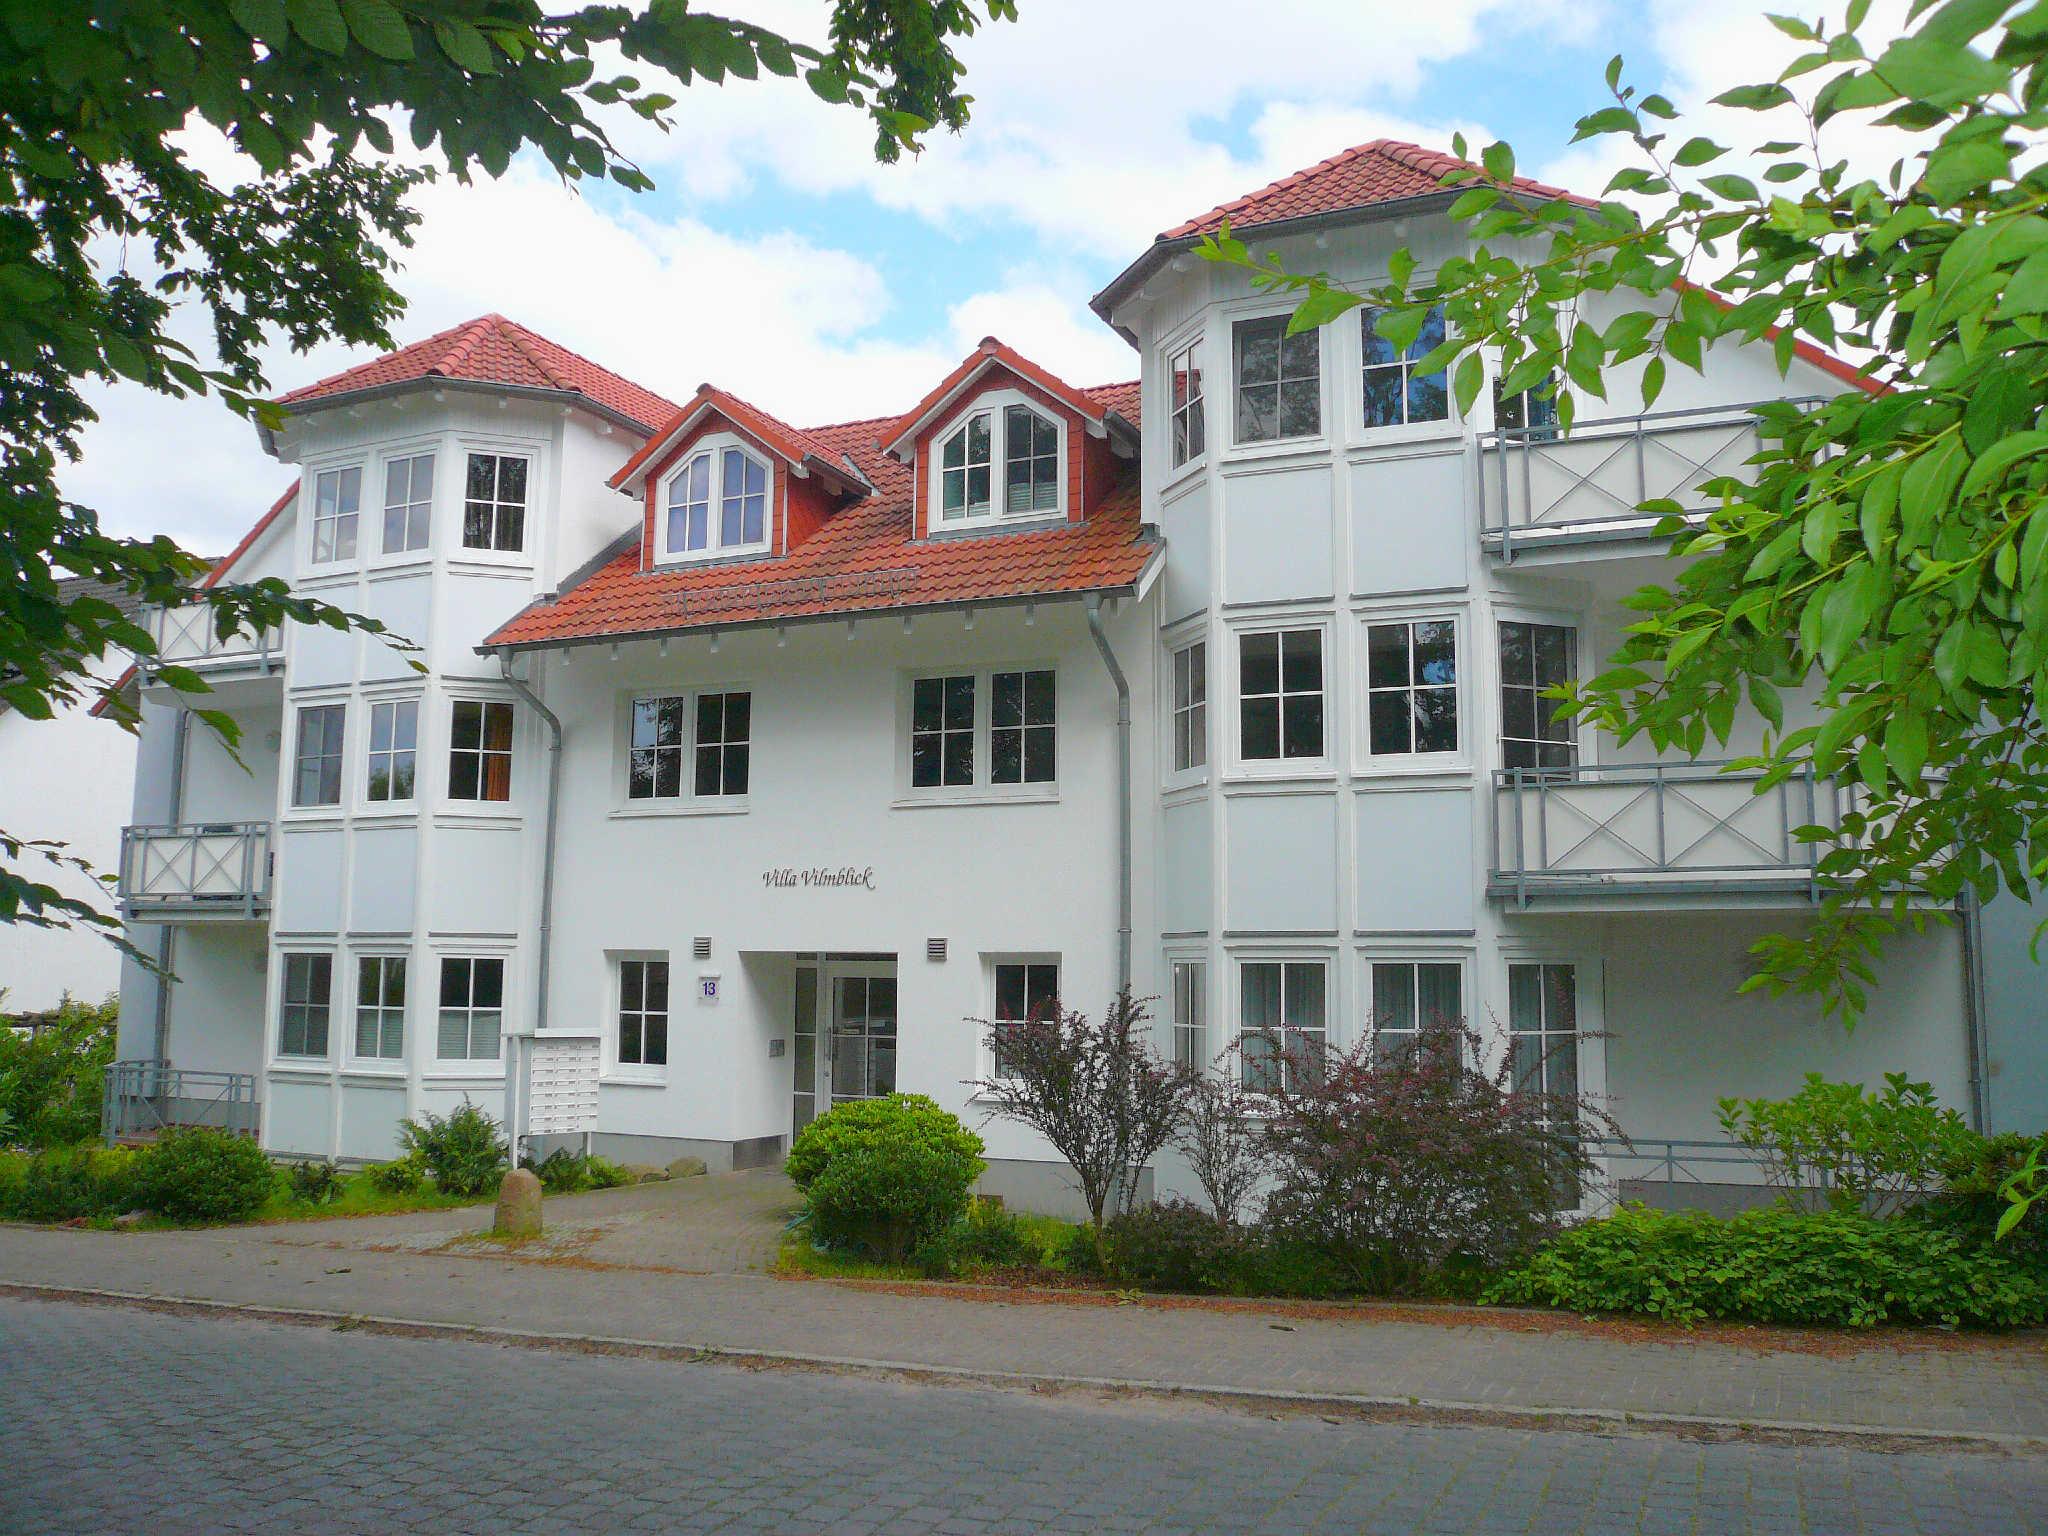 Villa Vilmblick vom Garten aus gesehen